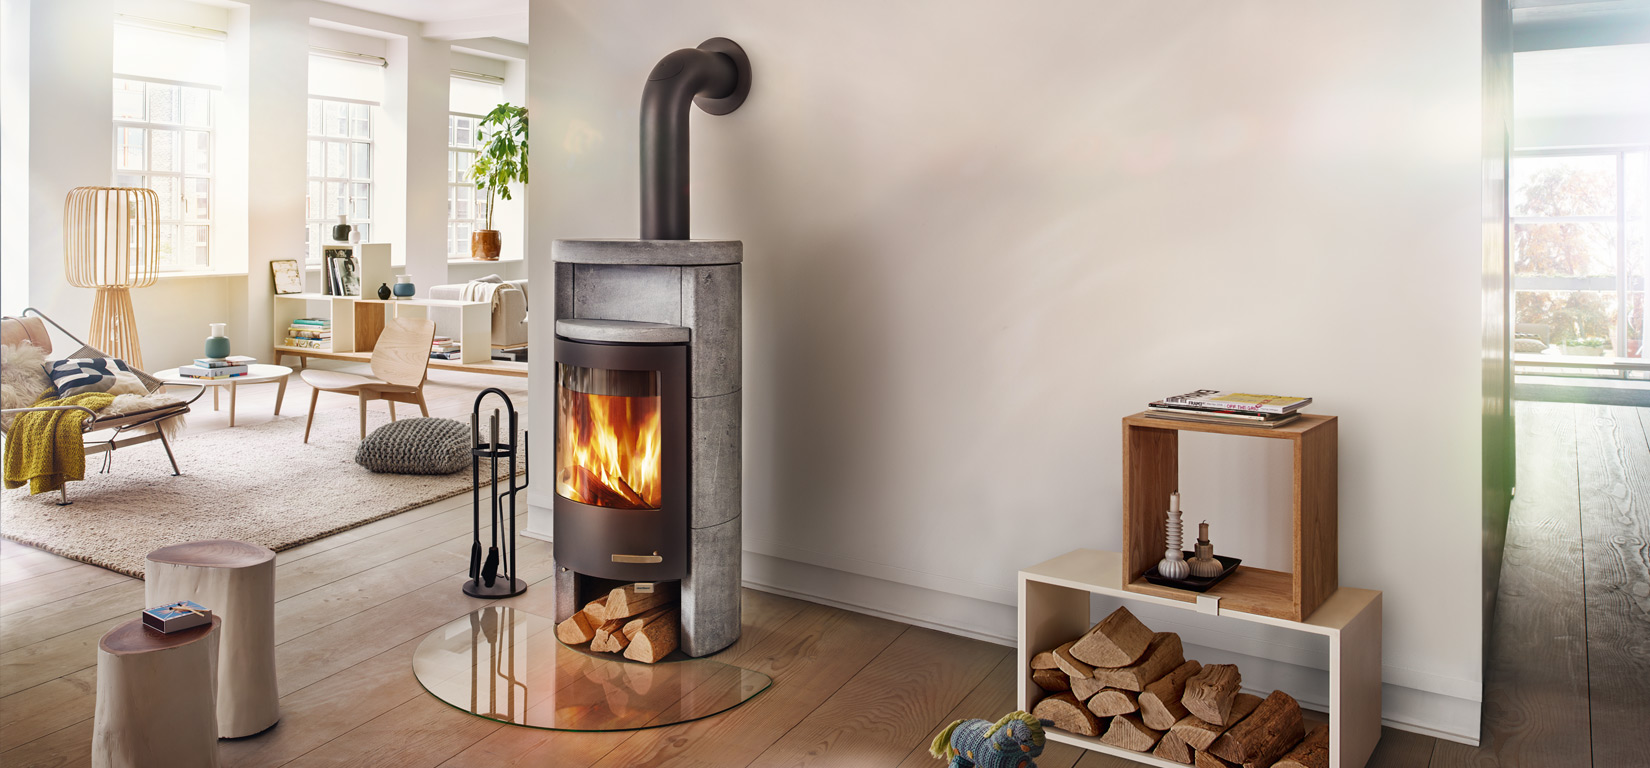 credit d impot poele a bois id e int ressante pour la conception de meubles en bois qui inspire. Black Bedroom Furniture Sets. Home Design Ideas